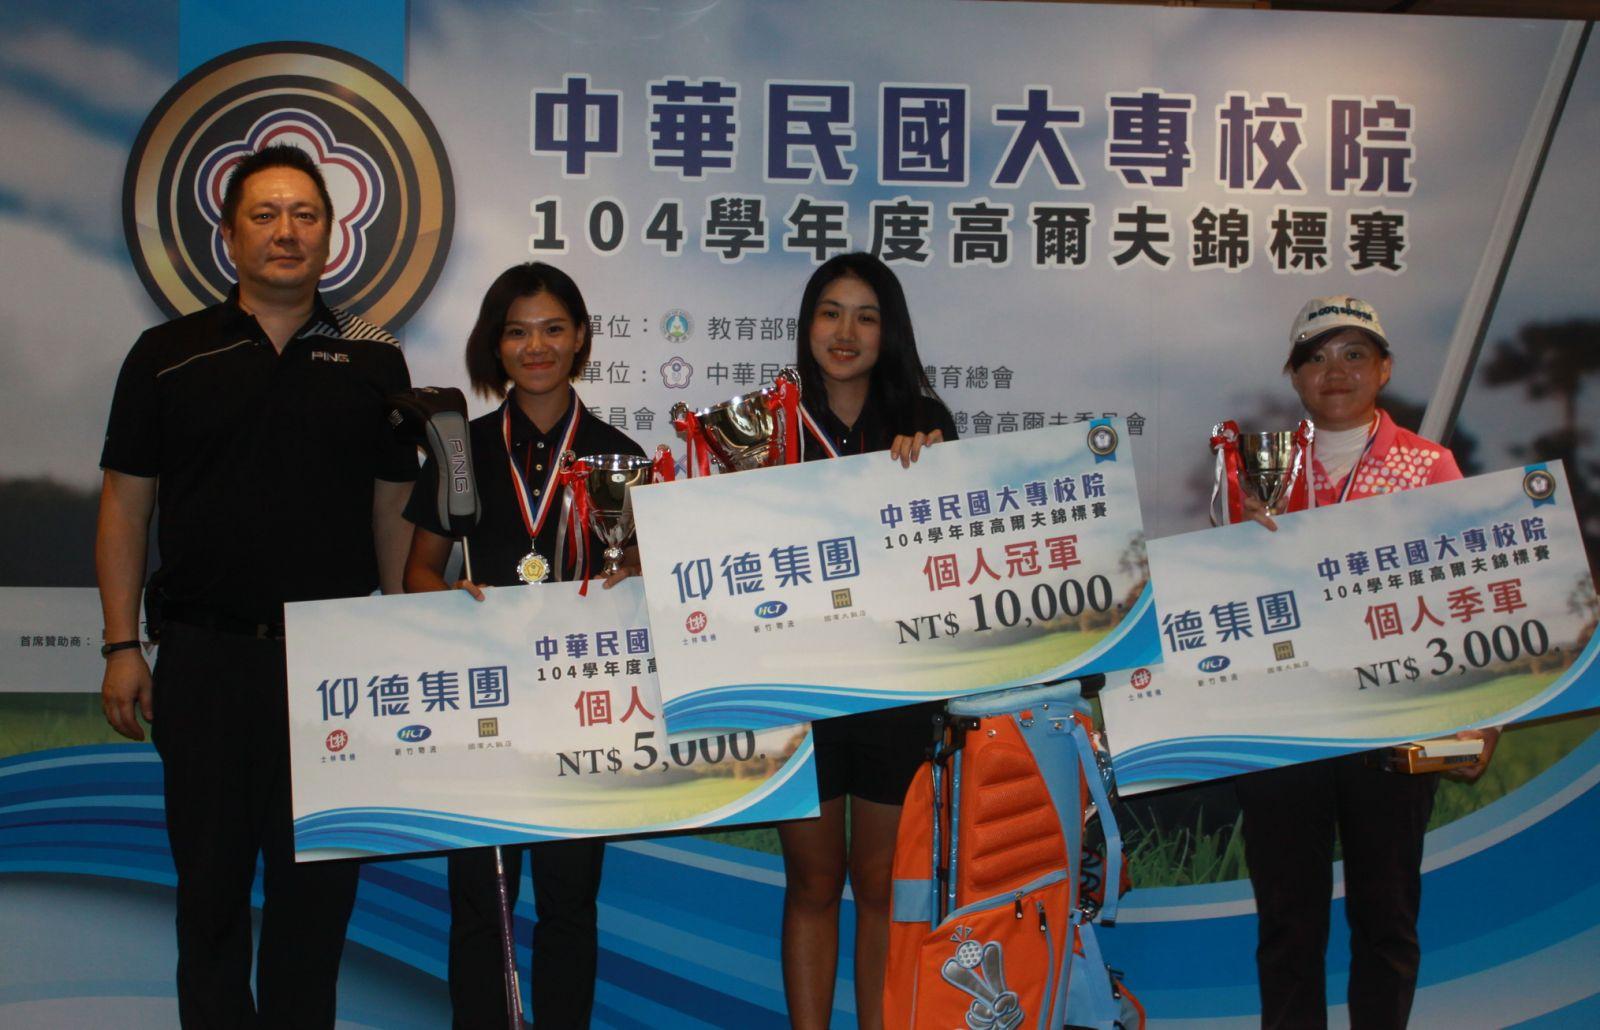 儘管奪冠,鄂鈺涵不滿意個人表現。圖/大專體總提供